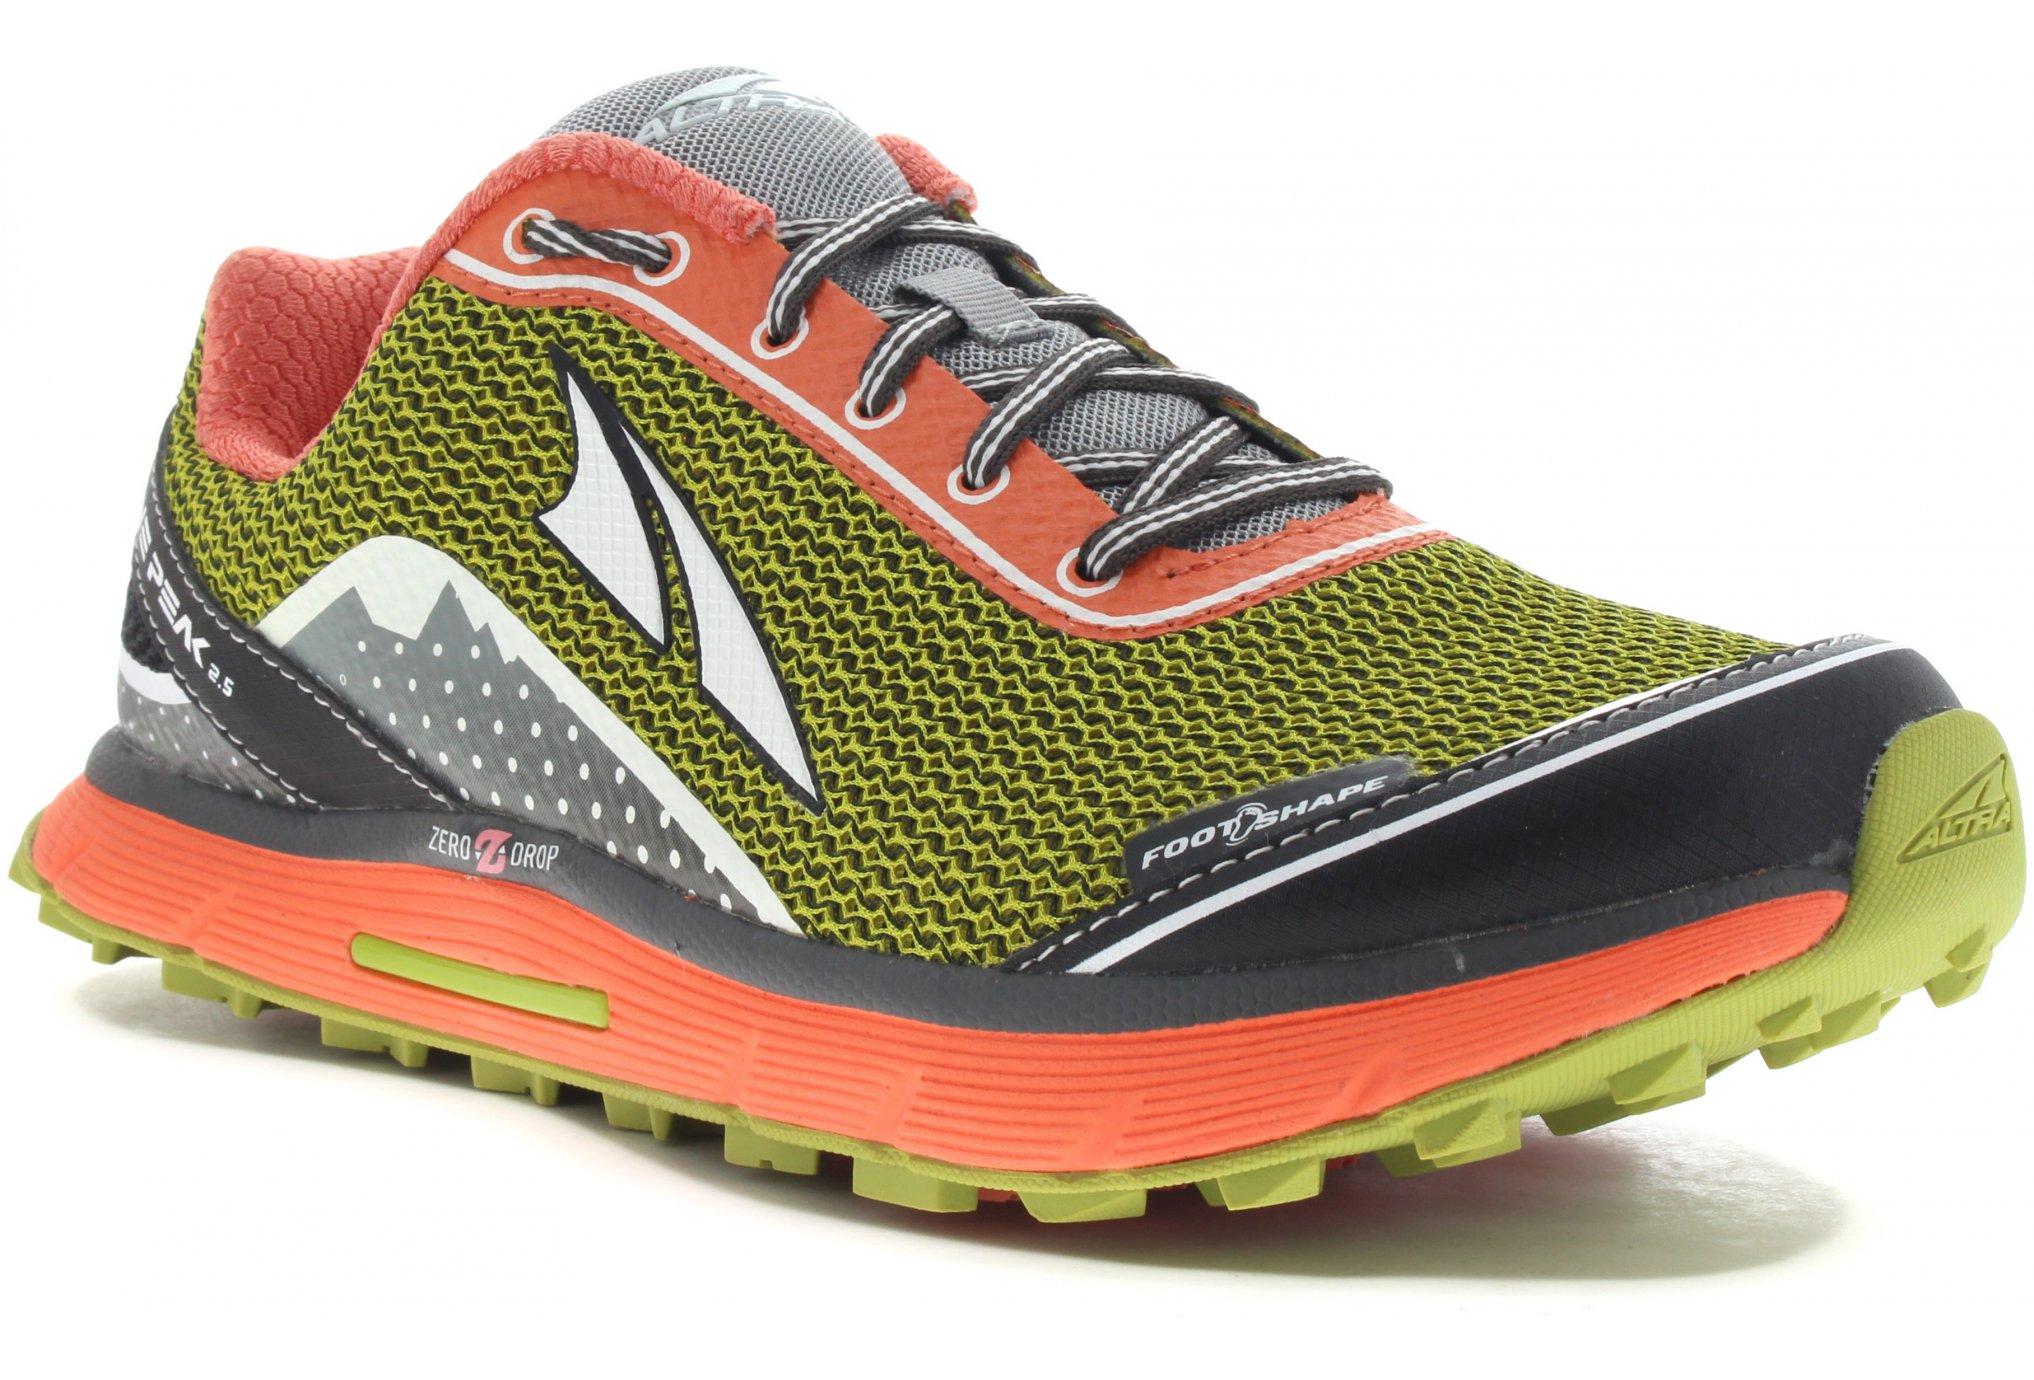 Altra Lone peak 2.5 w chaussures running femme